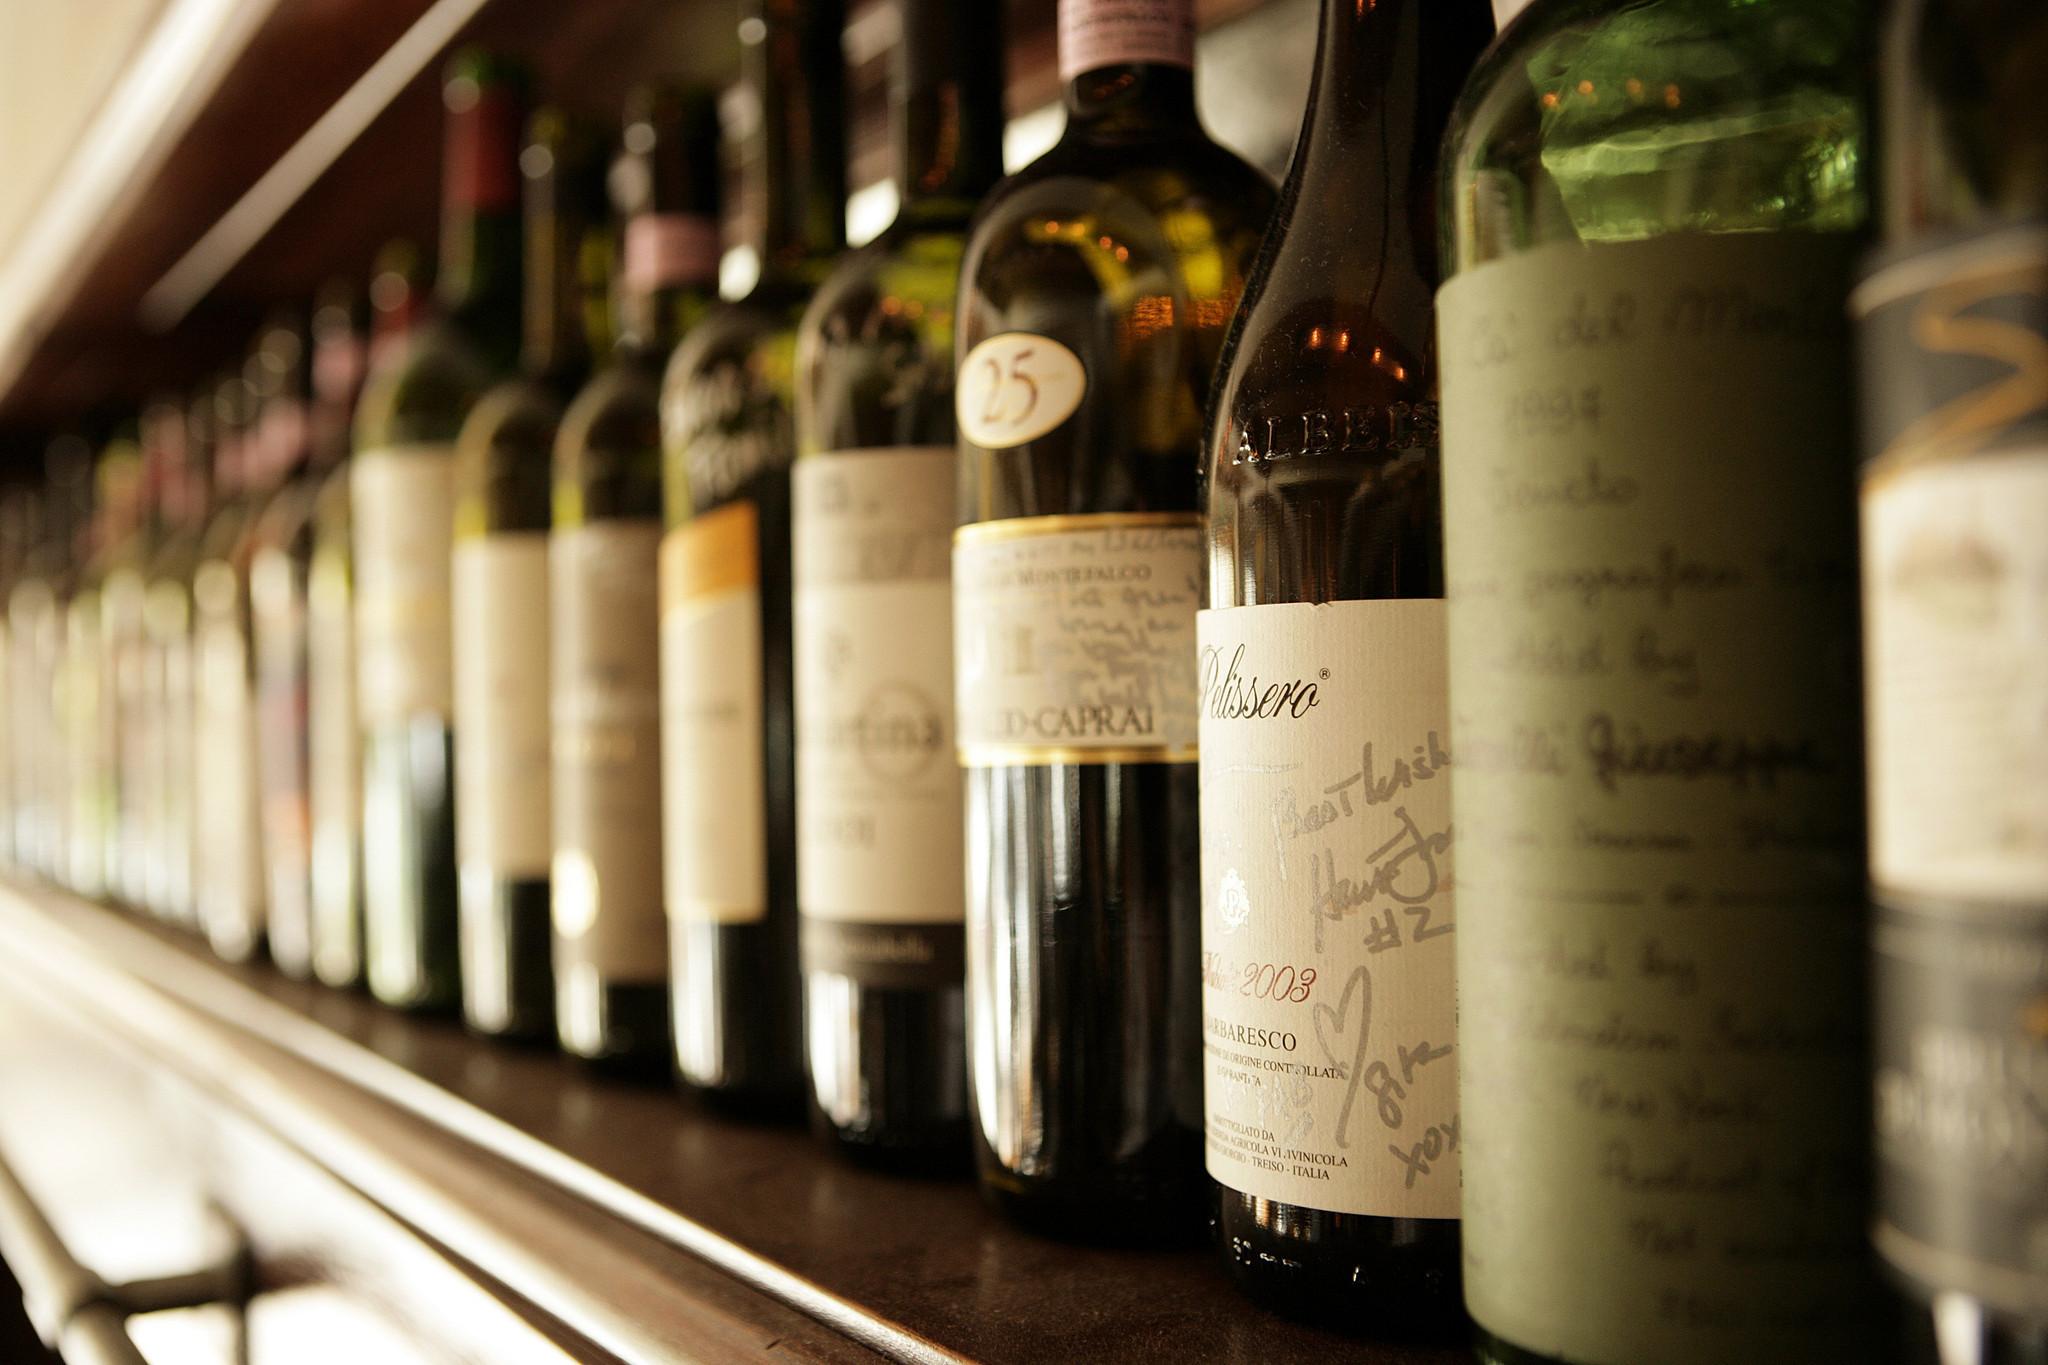 wine bottles photog shot.jpg